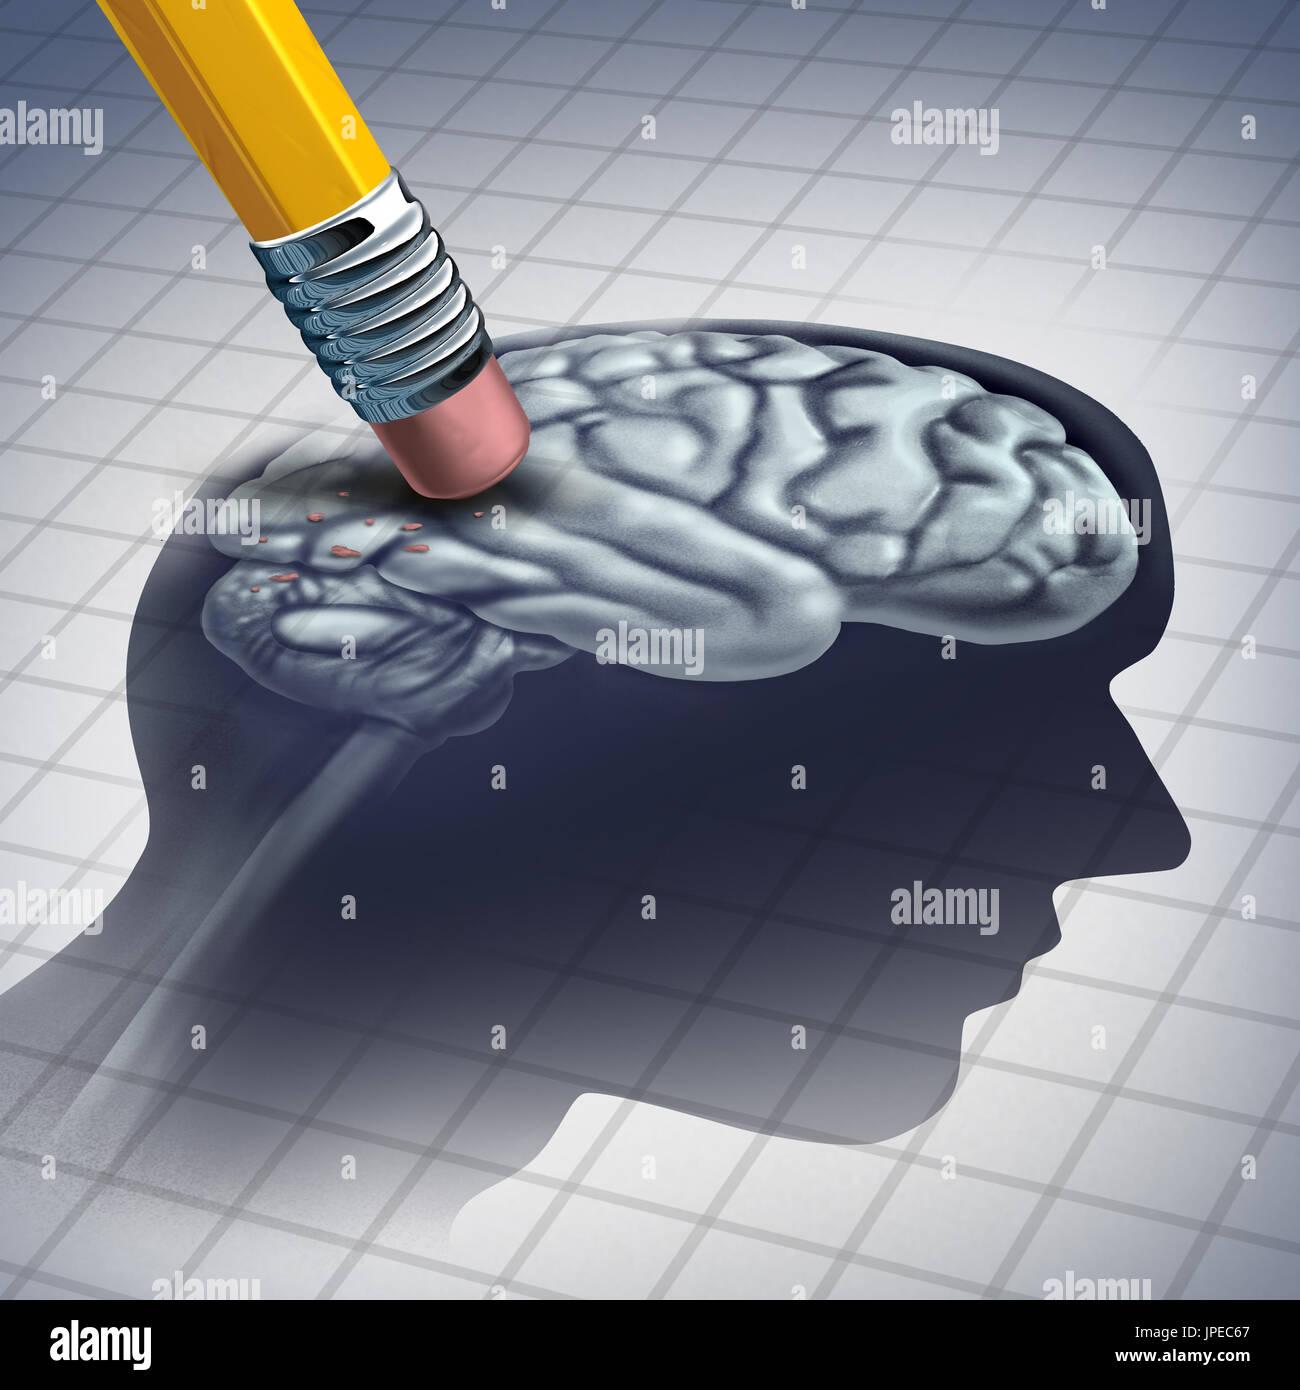 La maladie de la démence et de la maladie comme une perte de la fonction cérébrale et la mémoire comme l'alzheimer comme une icône de la santé de la neurologie et les problèmes mentaux. Photo Stock